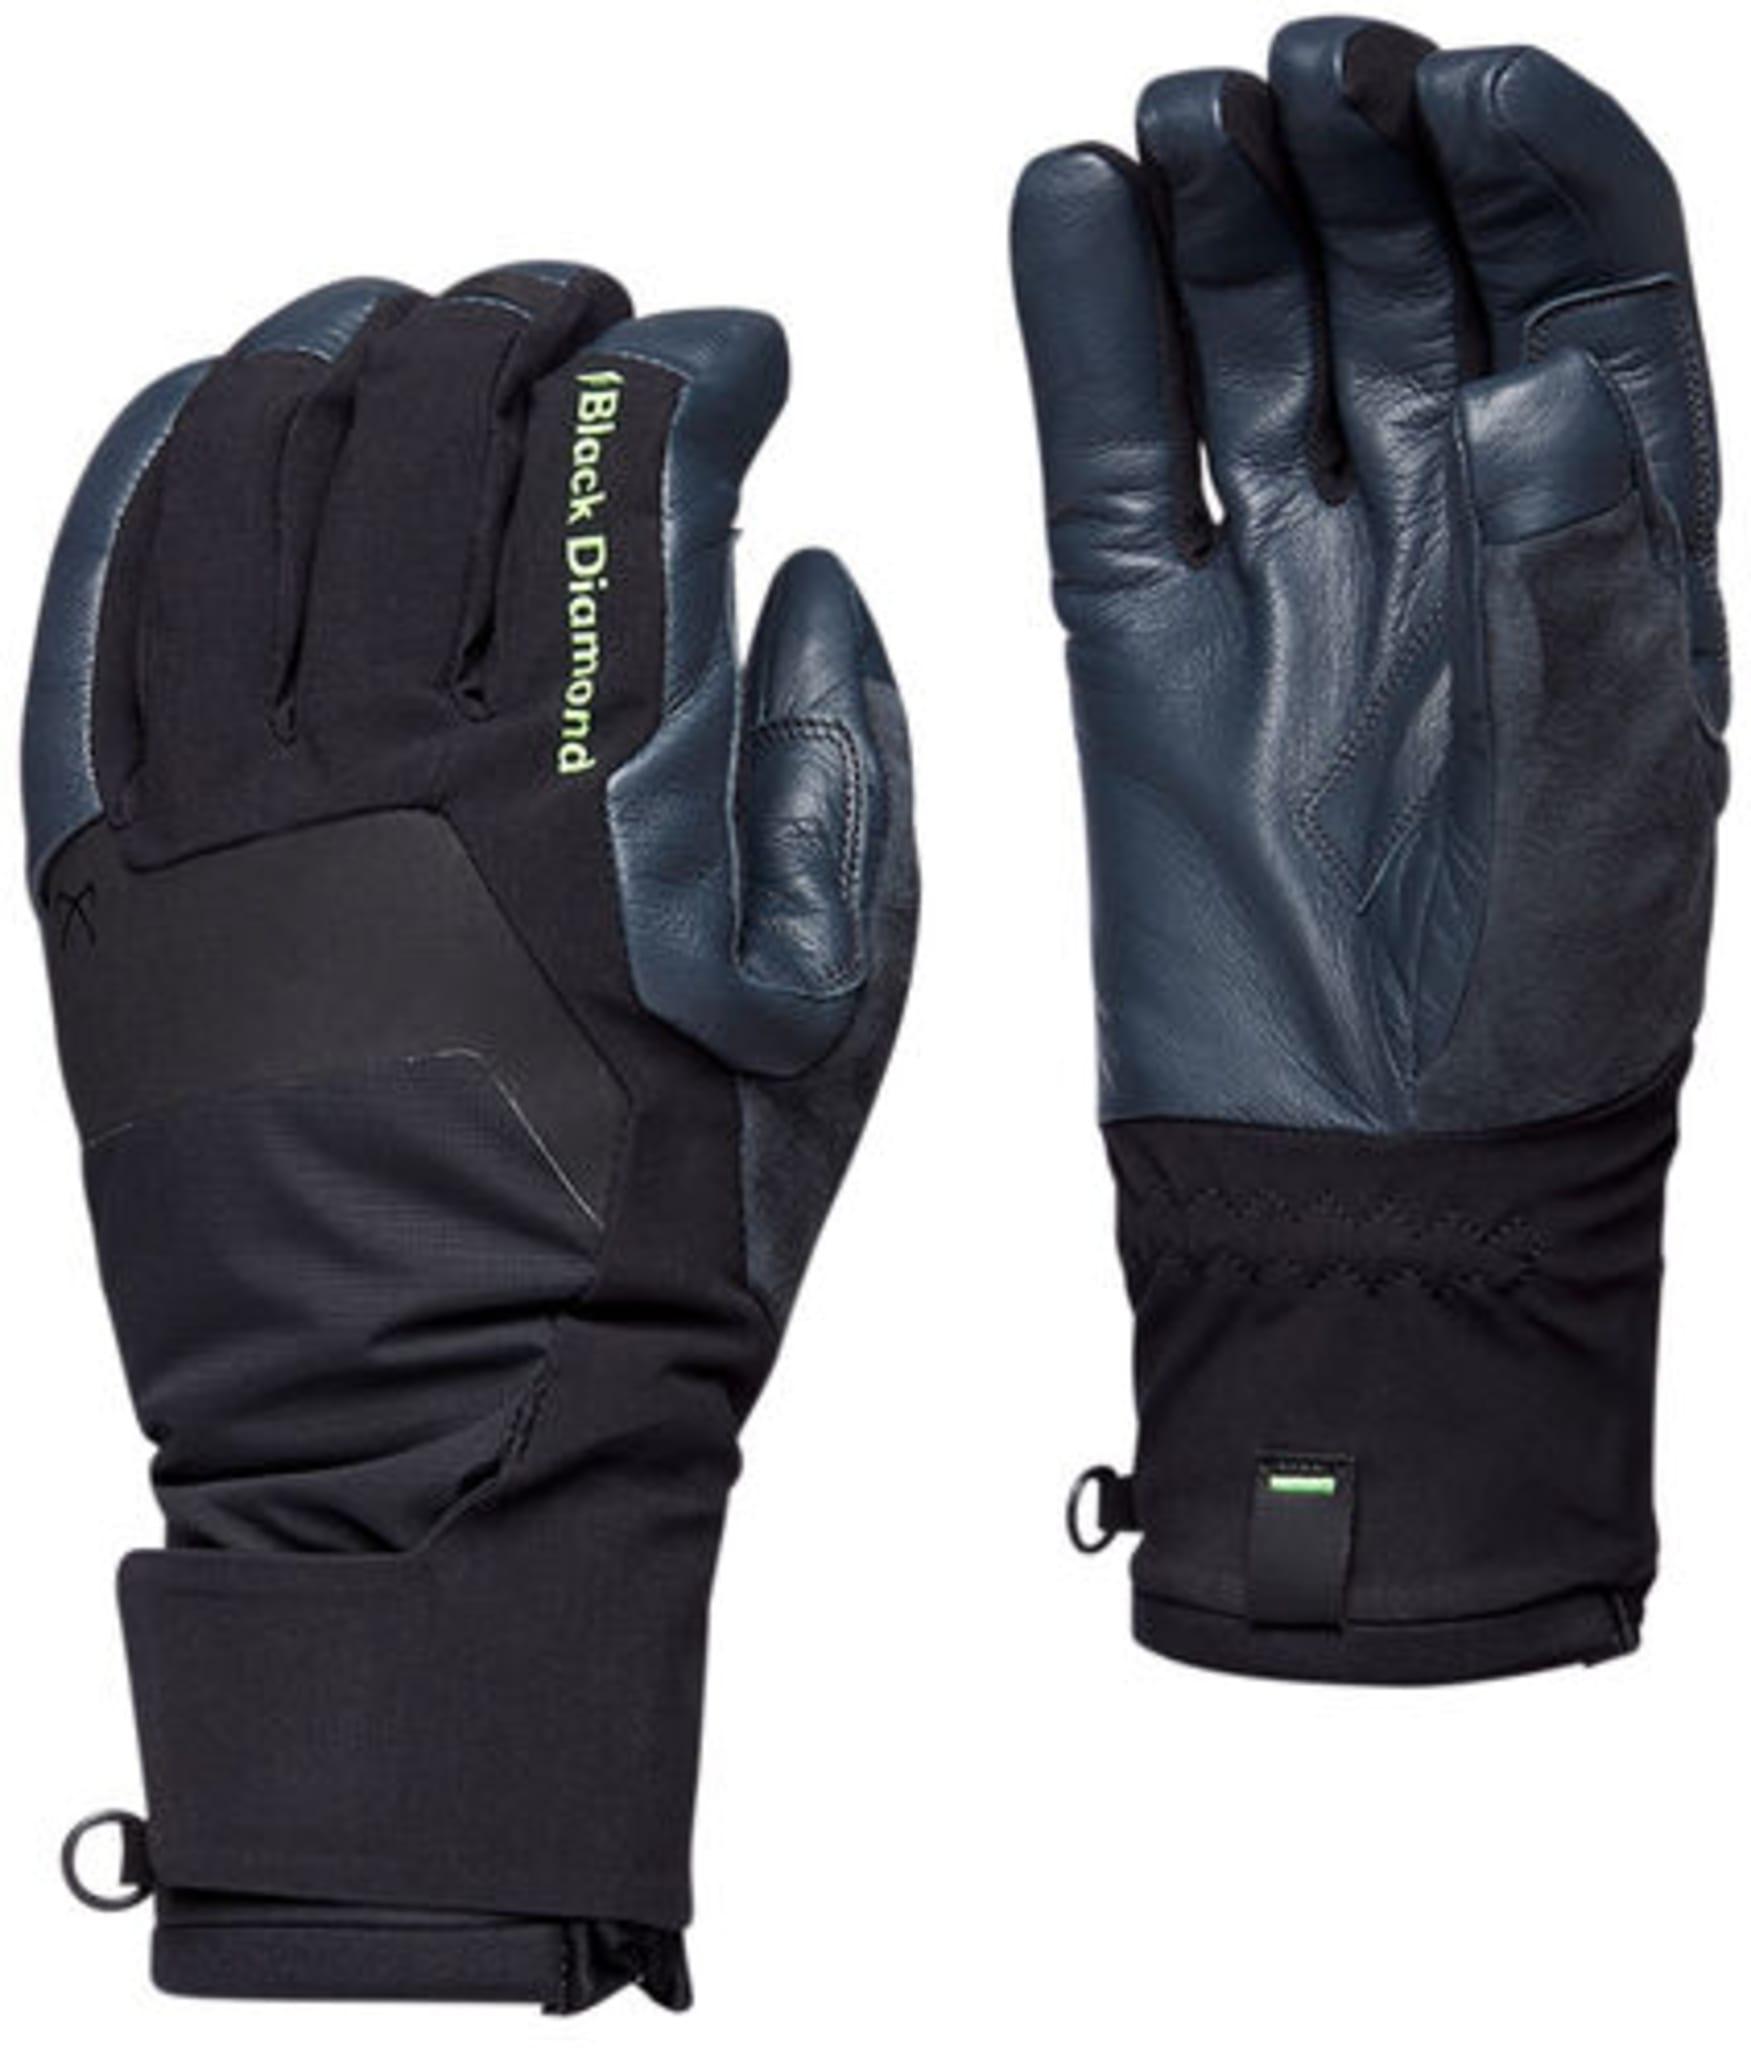 Varm og vanntett hanske til isklatring